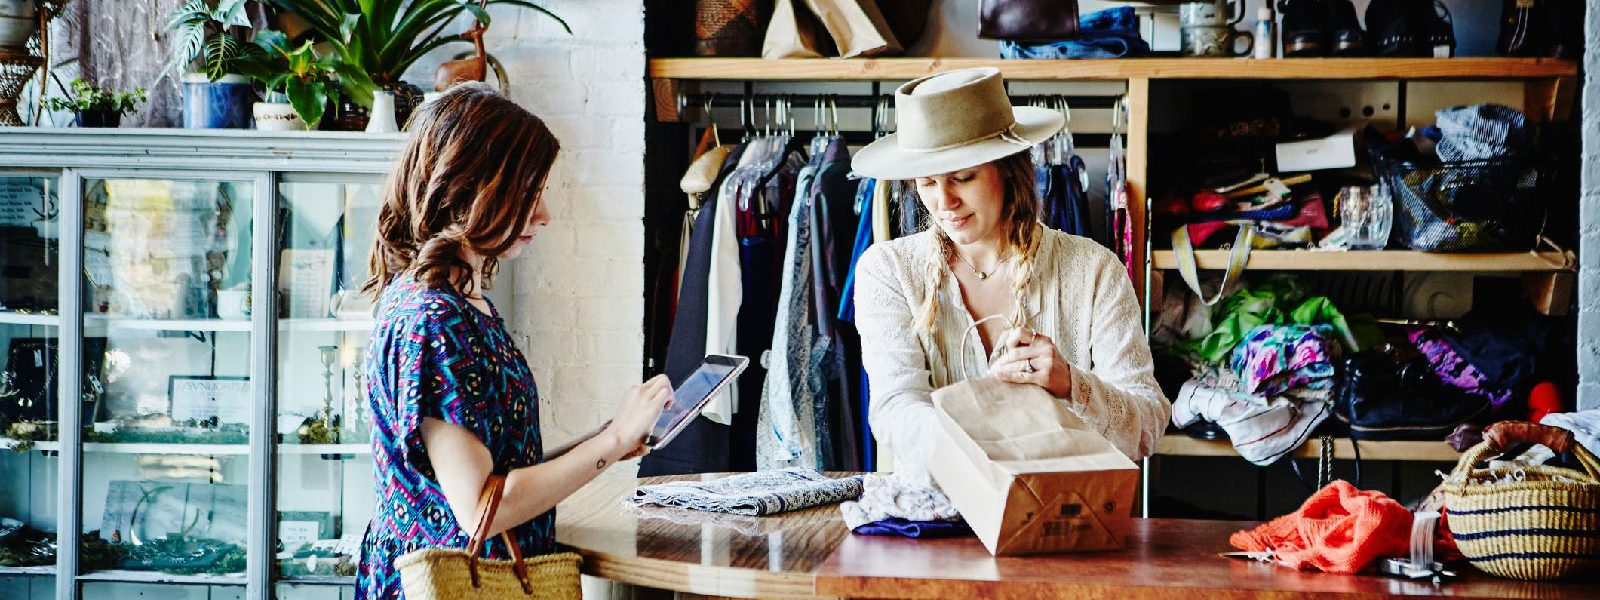 Il ruolo del punto vendita e le abitudini del consumatore nell'era digitale